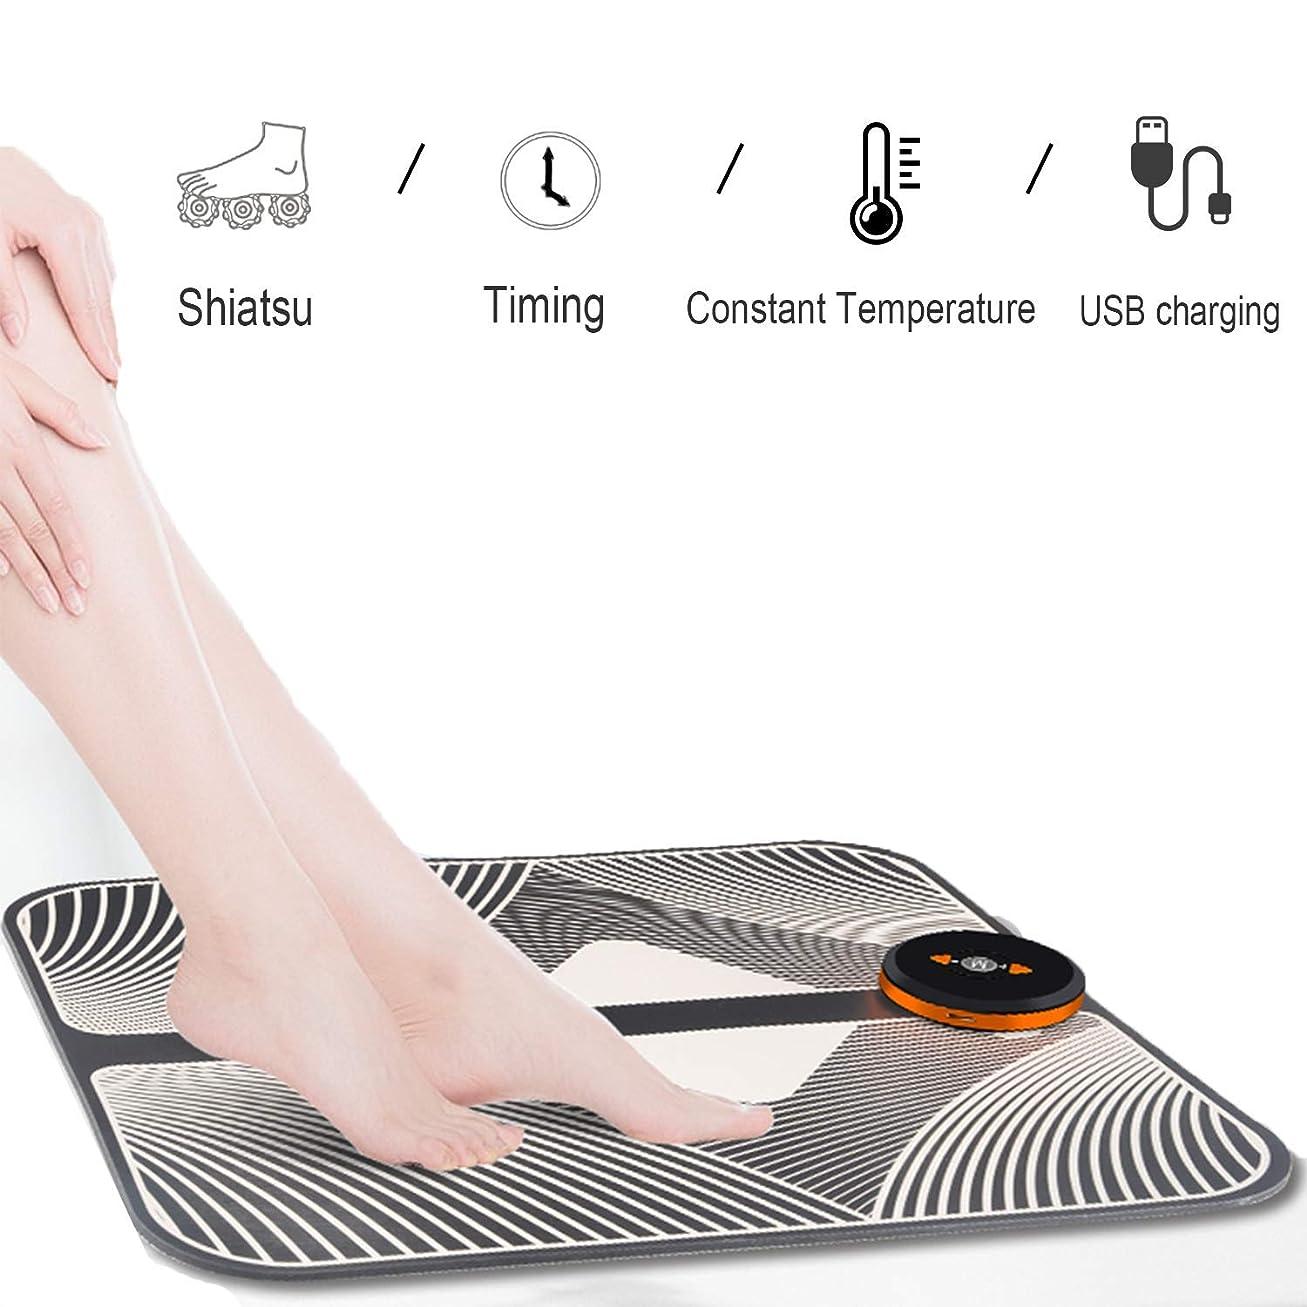 バー素晴らしい良い多くのアセフットマッサージマットUSB充電式、1?9の強度レベル6モード調整可能、血液循環を促進し、圧力筋肉の足の痛みを和らげます